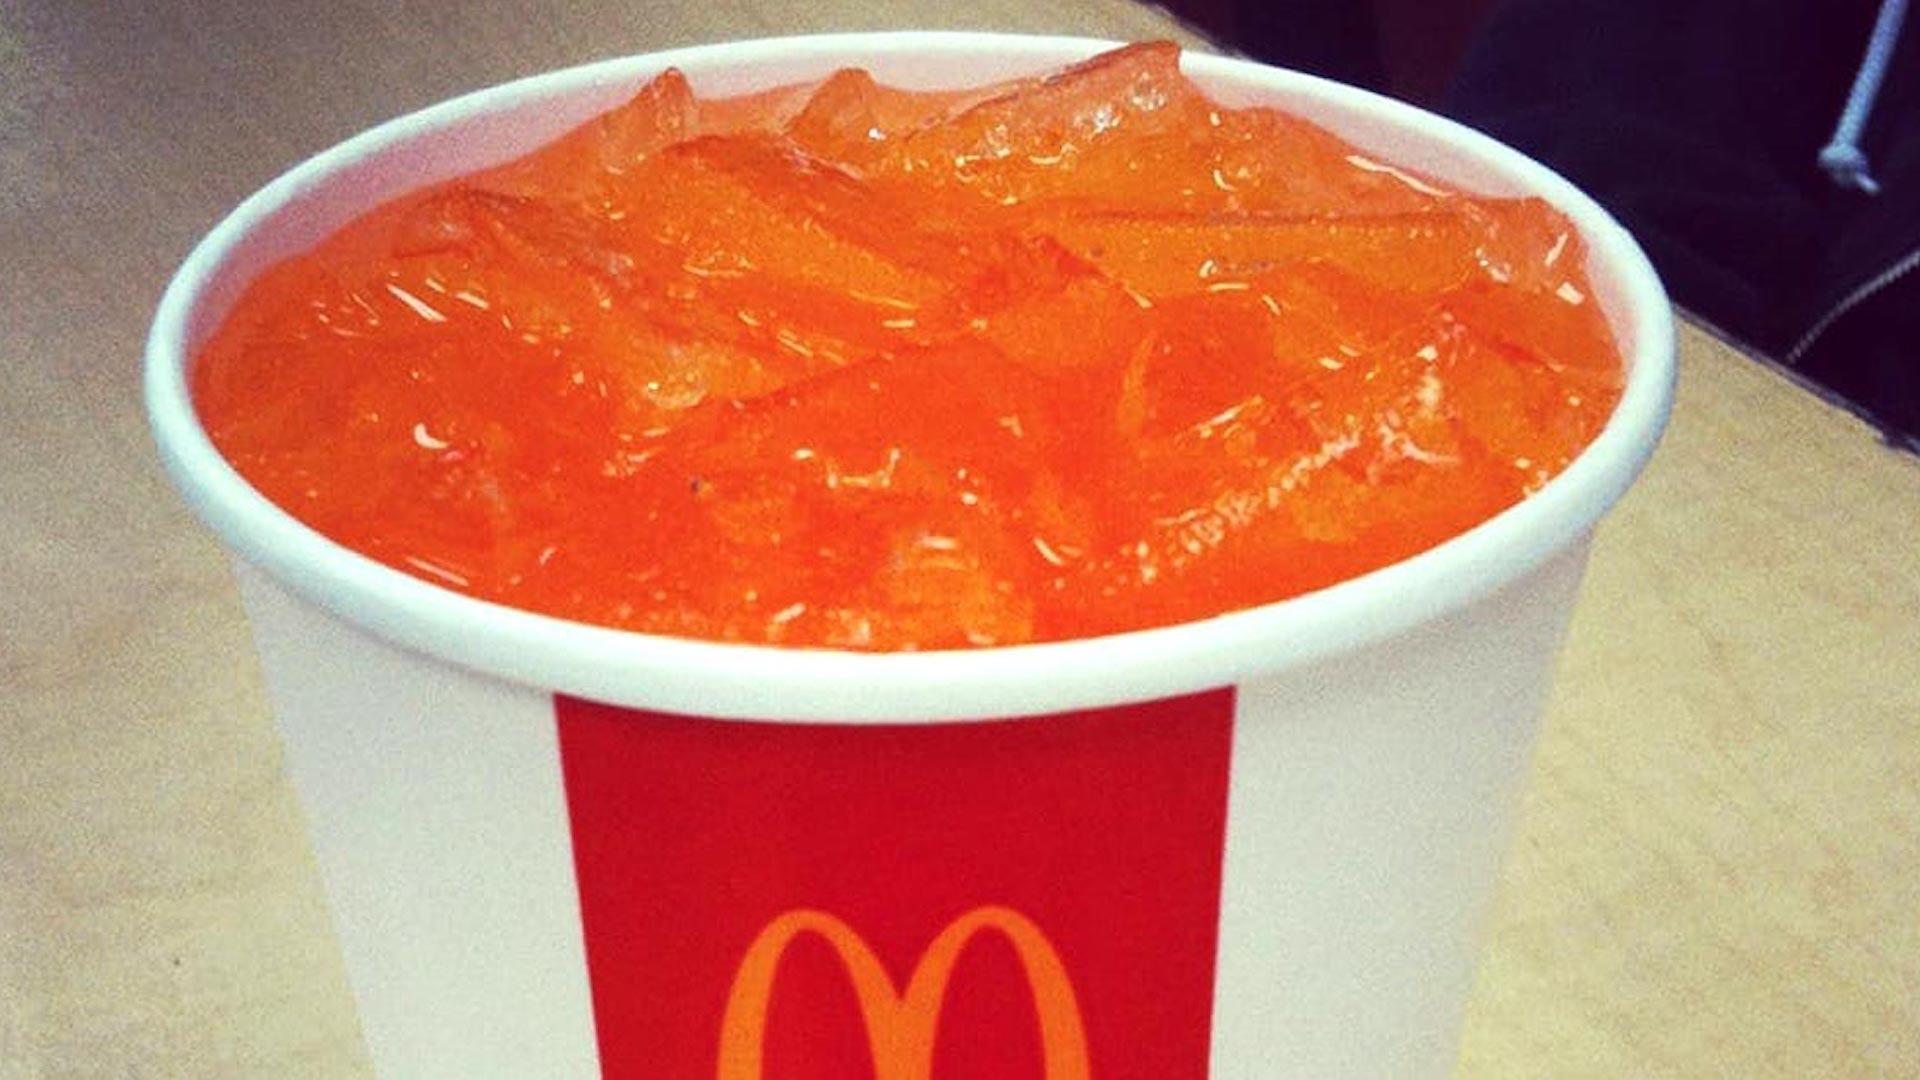 McDonald's Set to Phase Out Hi-C Orange